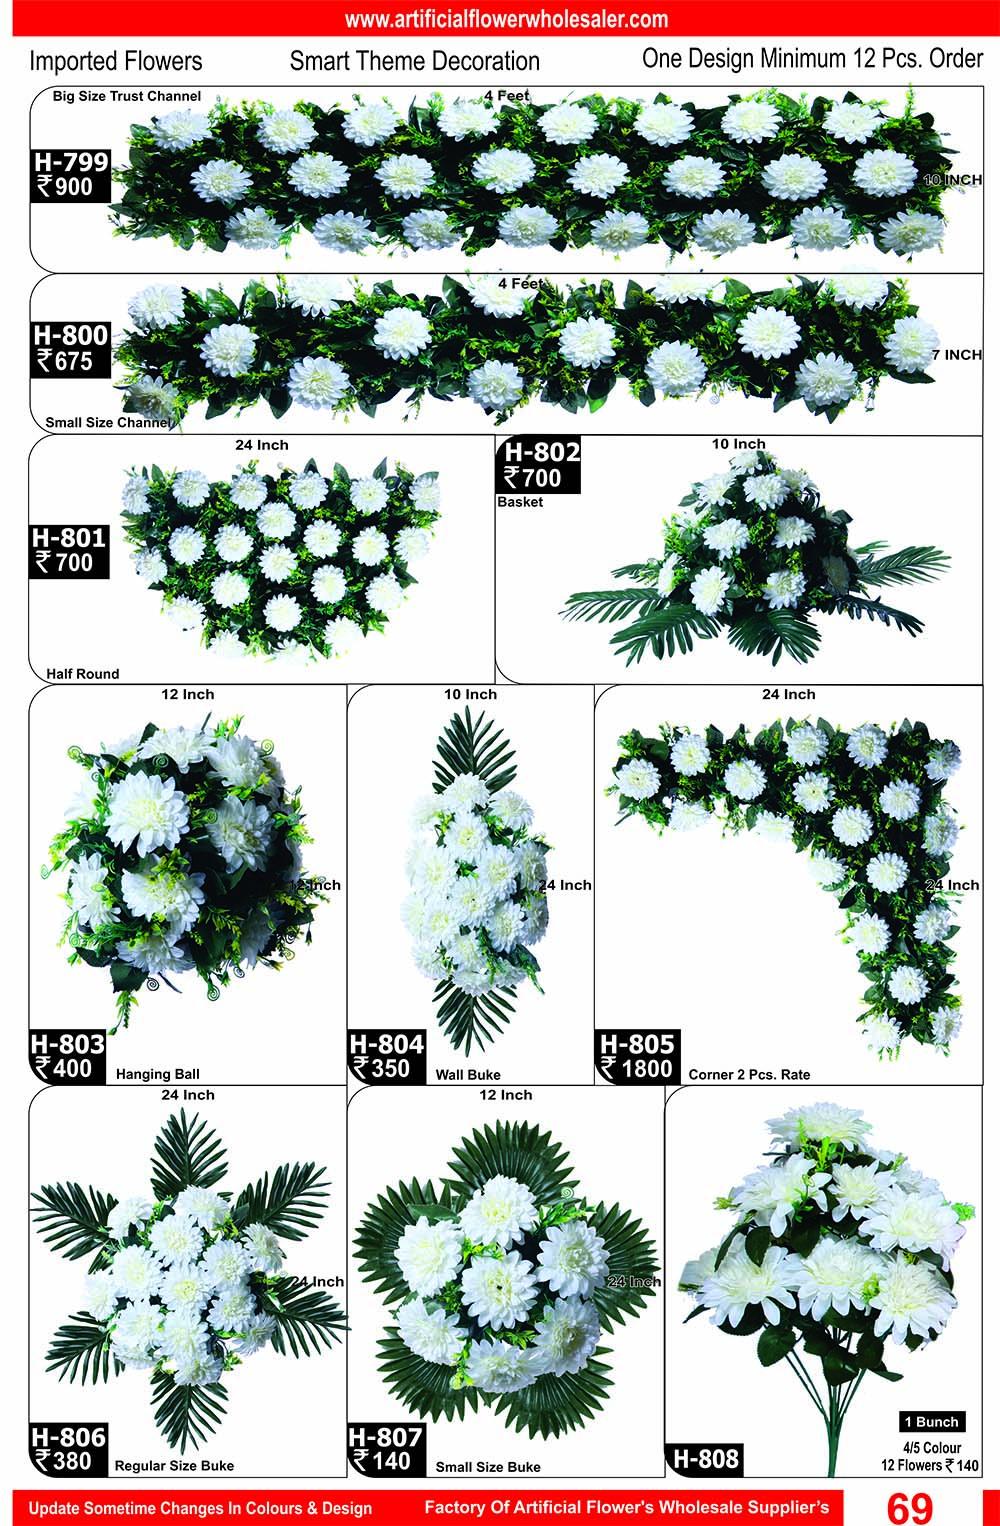 69-artificial-flower-wholesaler